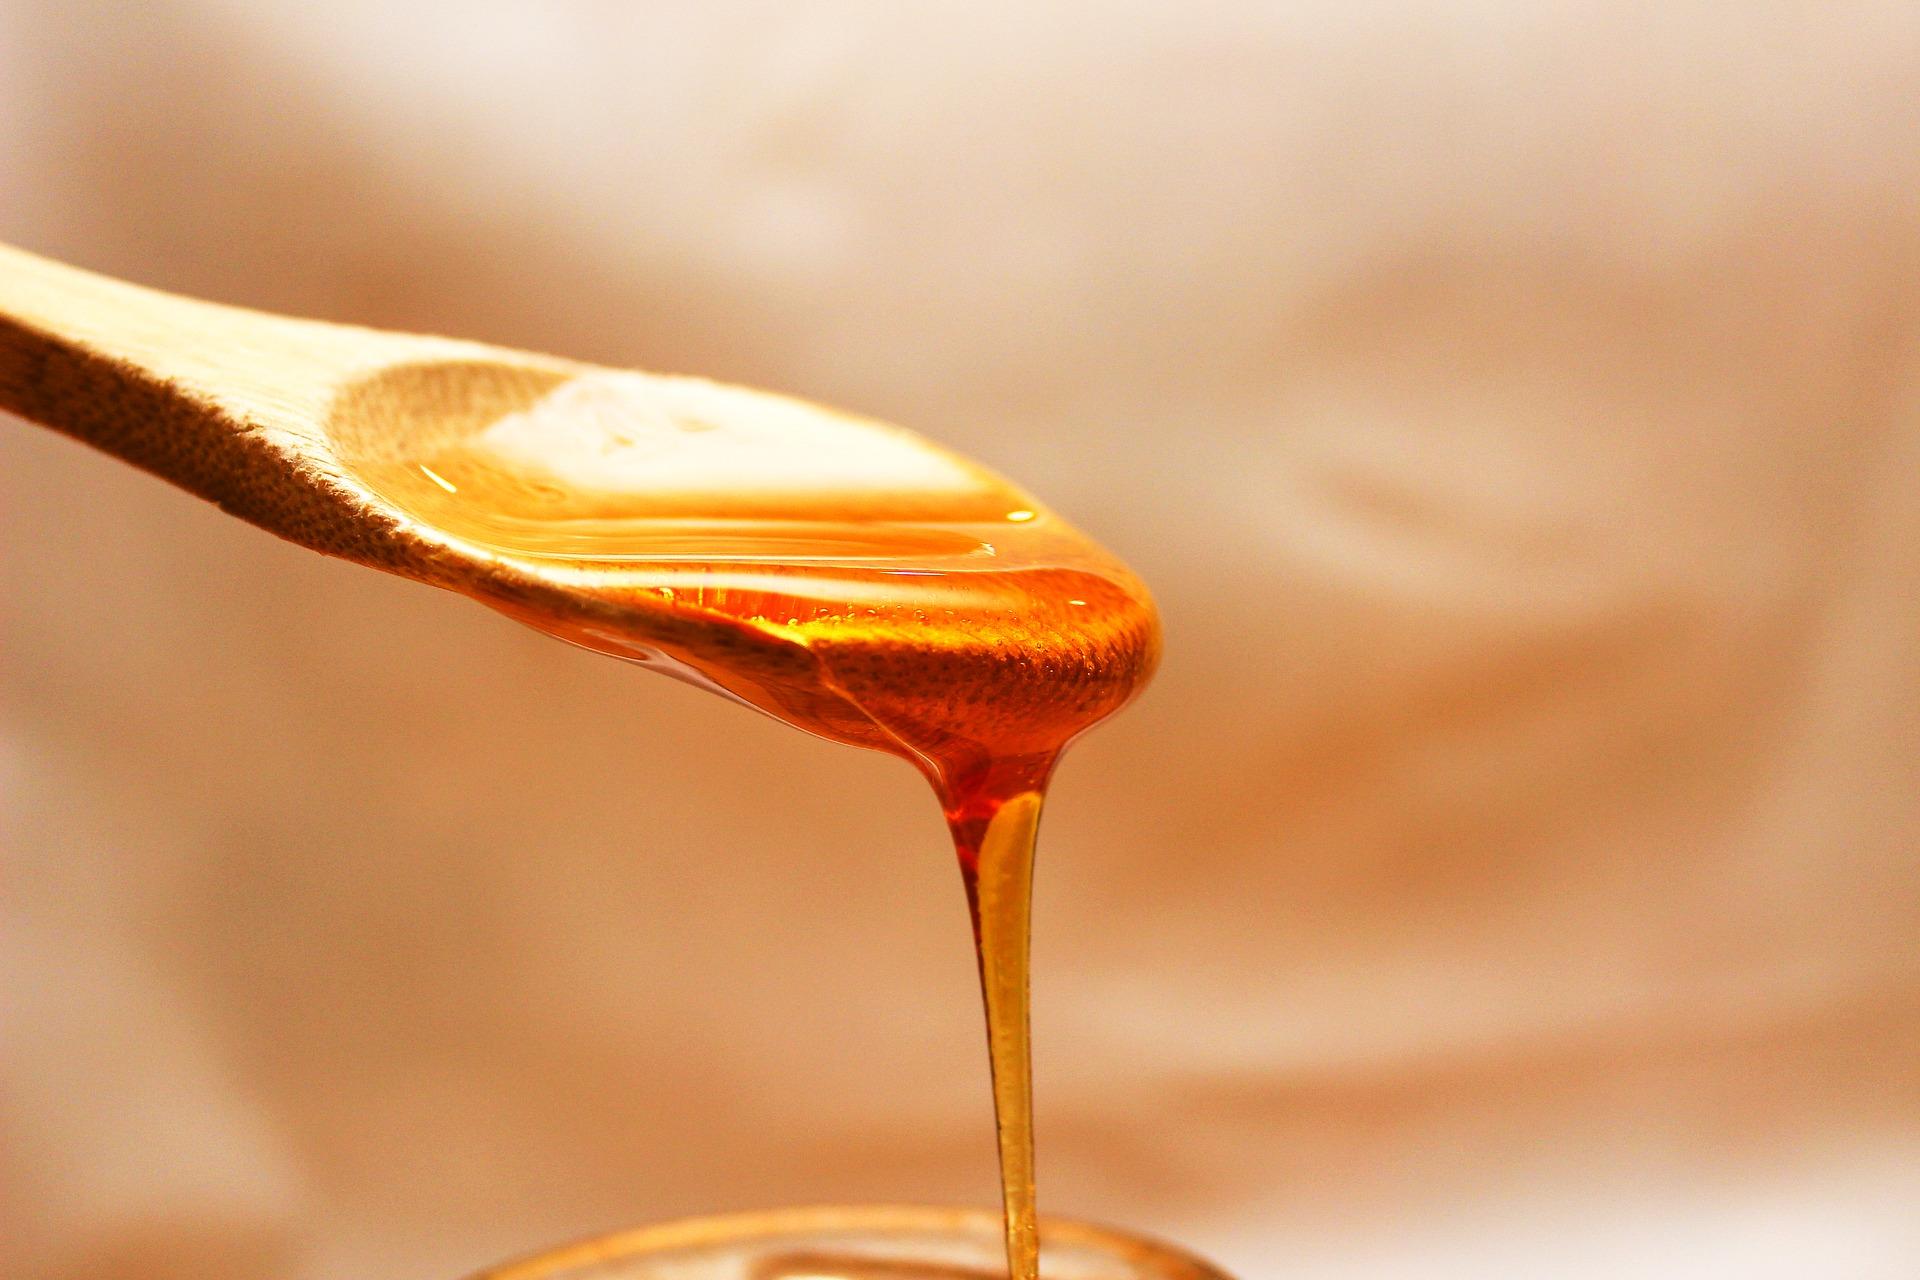 Afirman escasea la miel de abejas de producción nacional por aumento en consumo y cosecha insuficiente